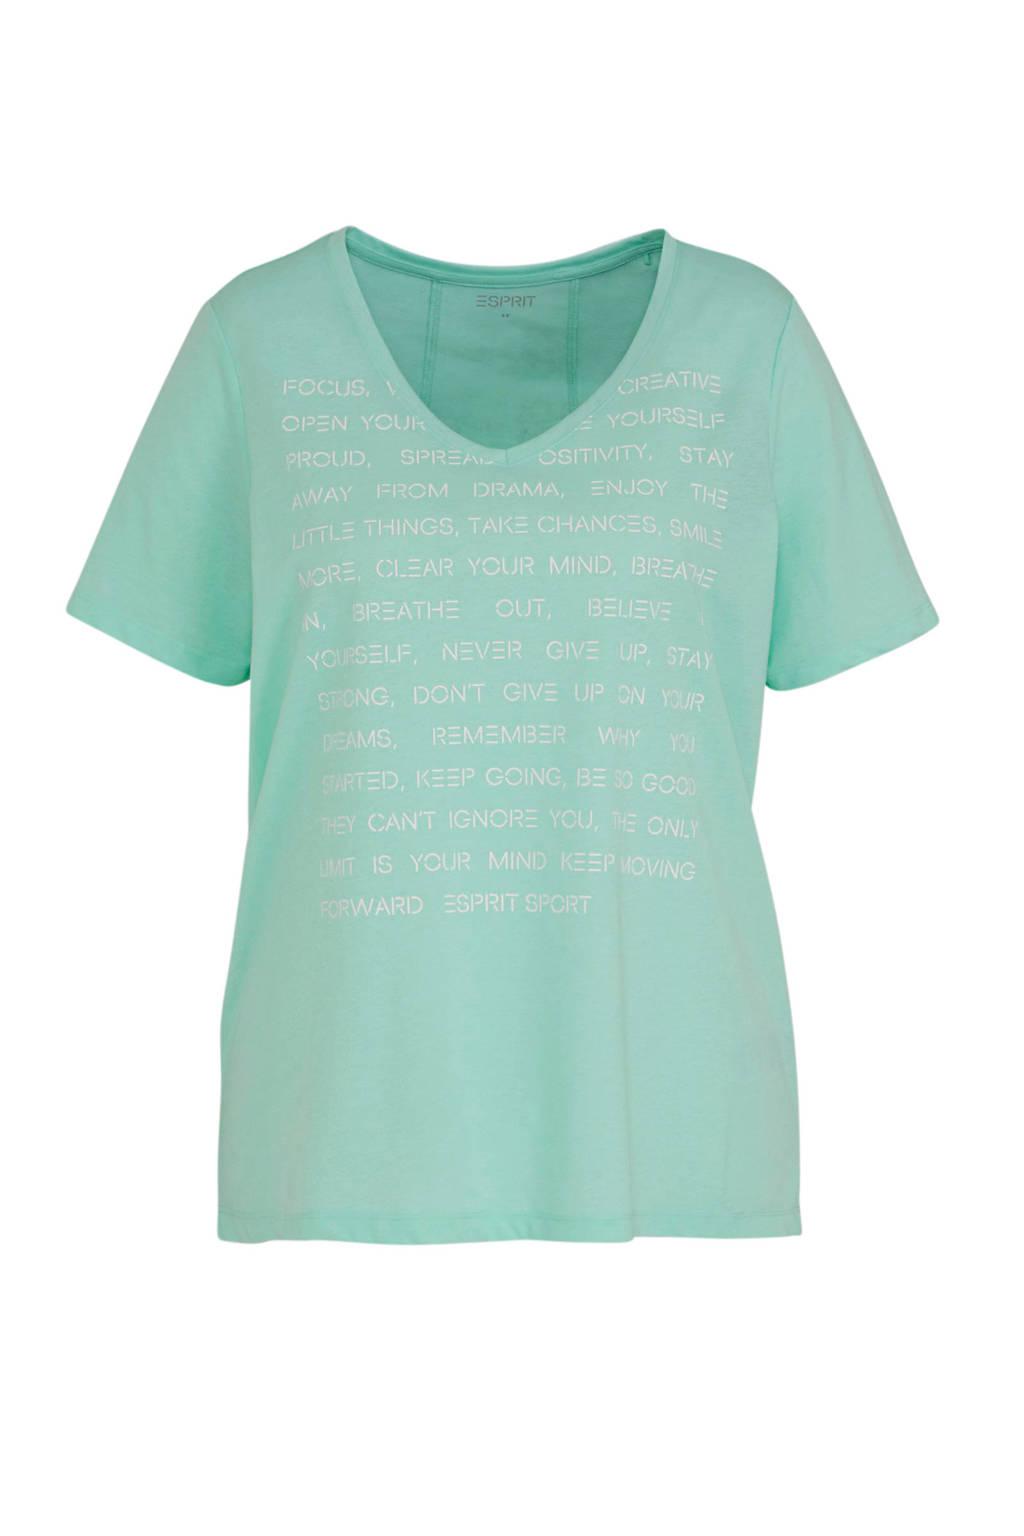 ESPRIT Women Sports T-shirt lichtblauw, Lichtblauw